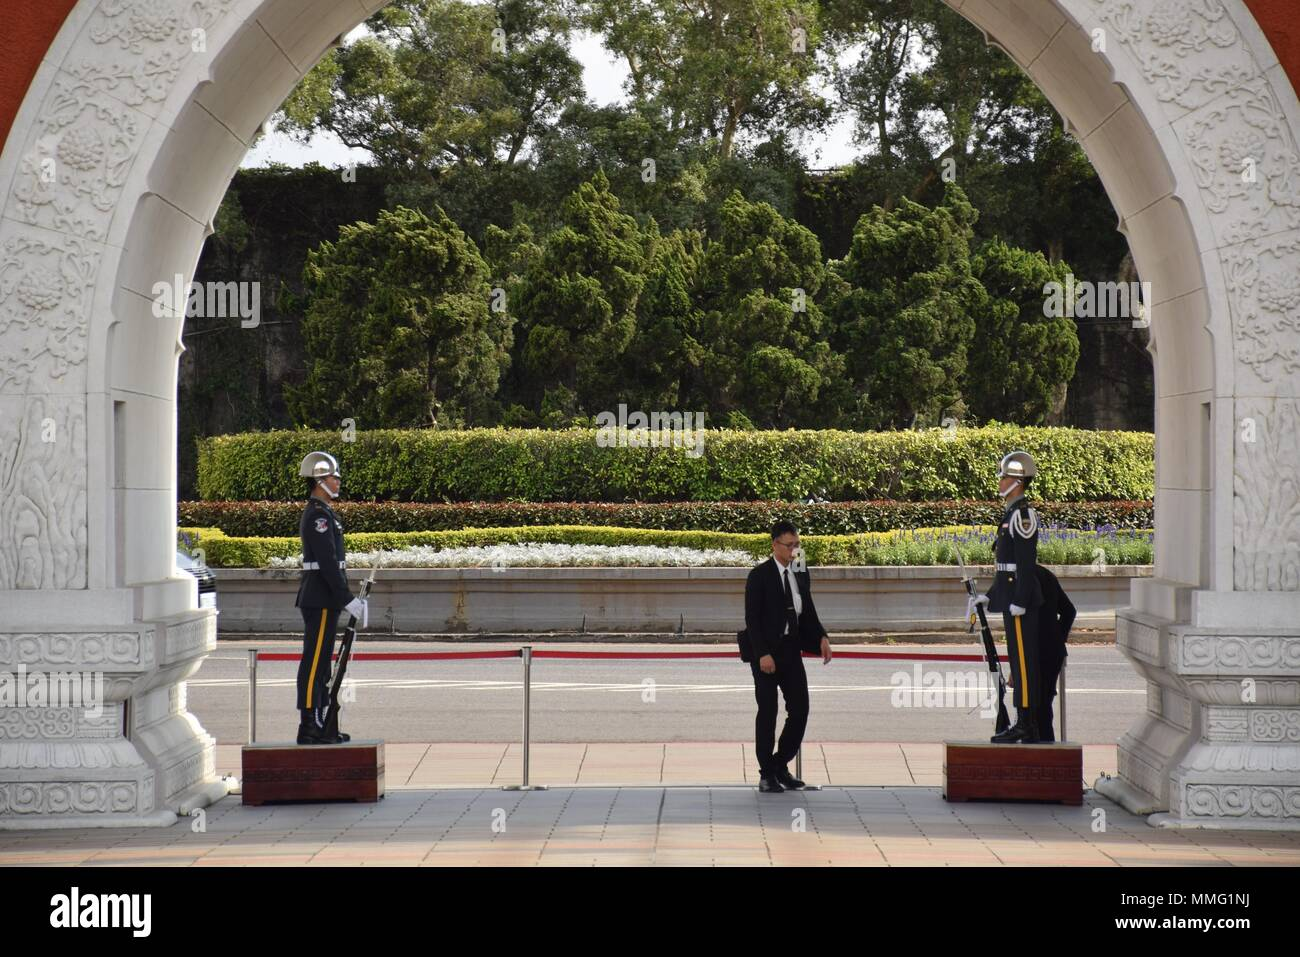 Les officiers militaires à l'entrée du Sanctuaire des martyrs de la révolution nationale à Taipei, Taiwan Photo Stock